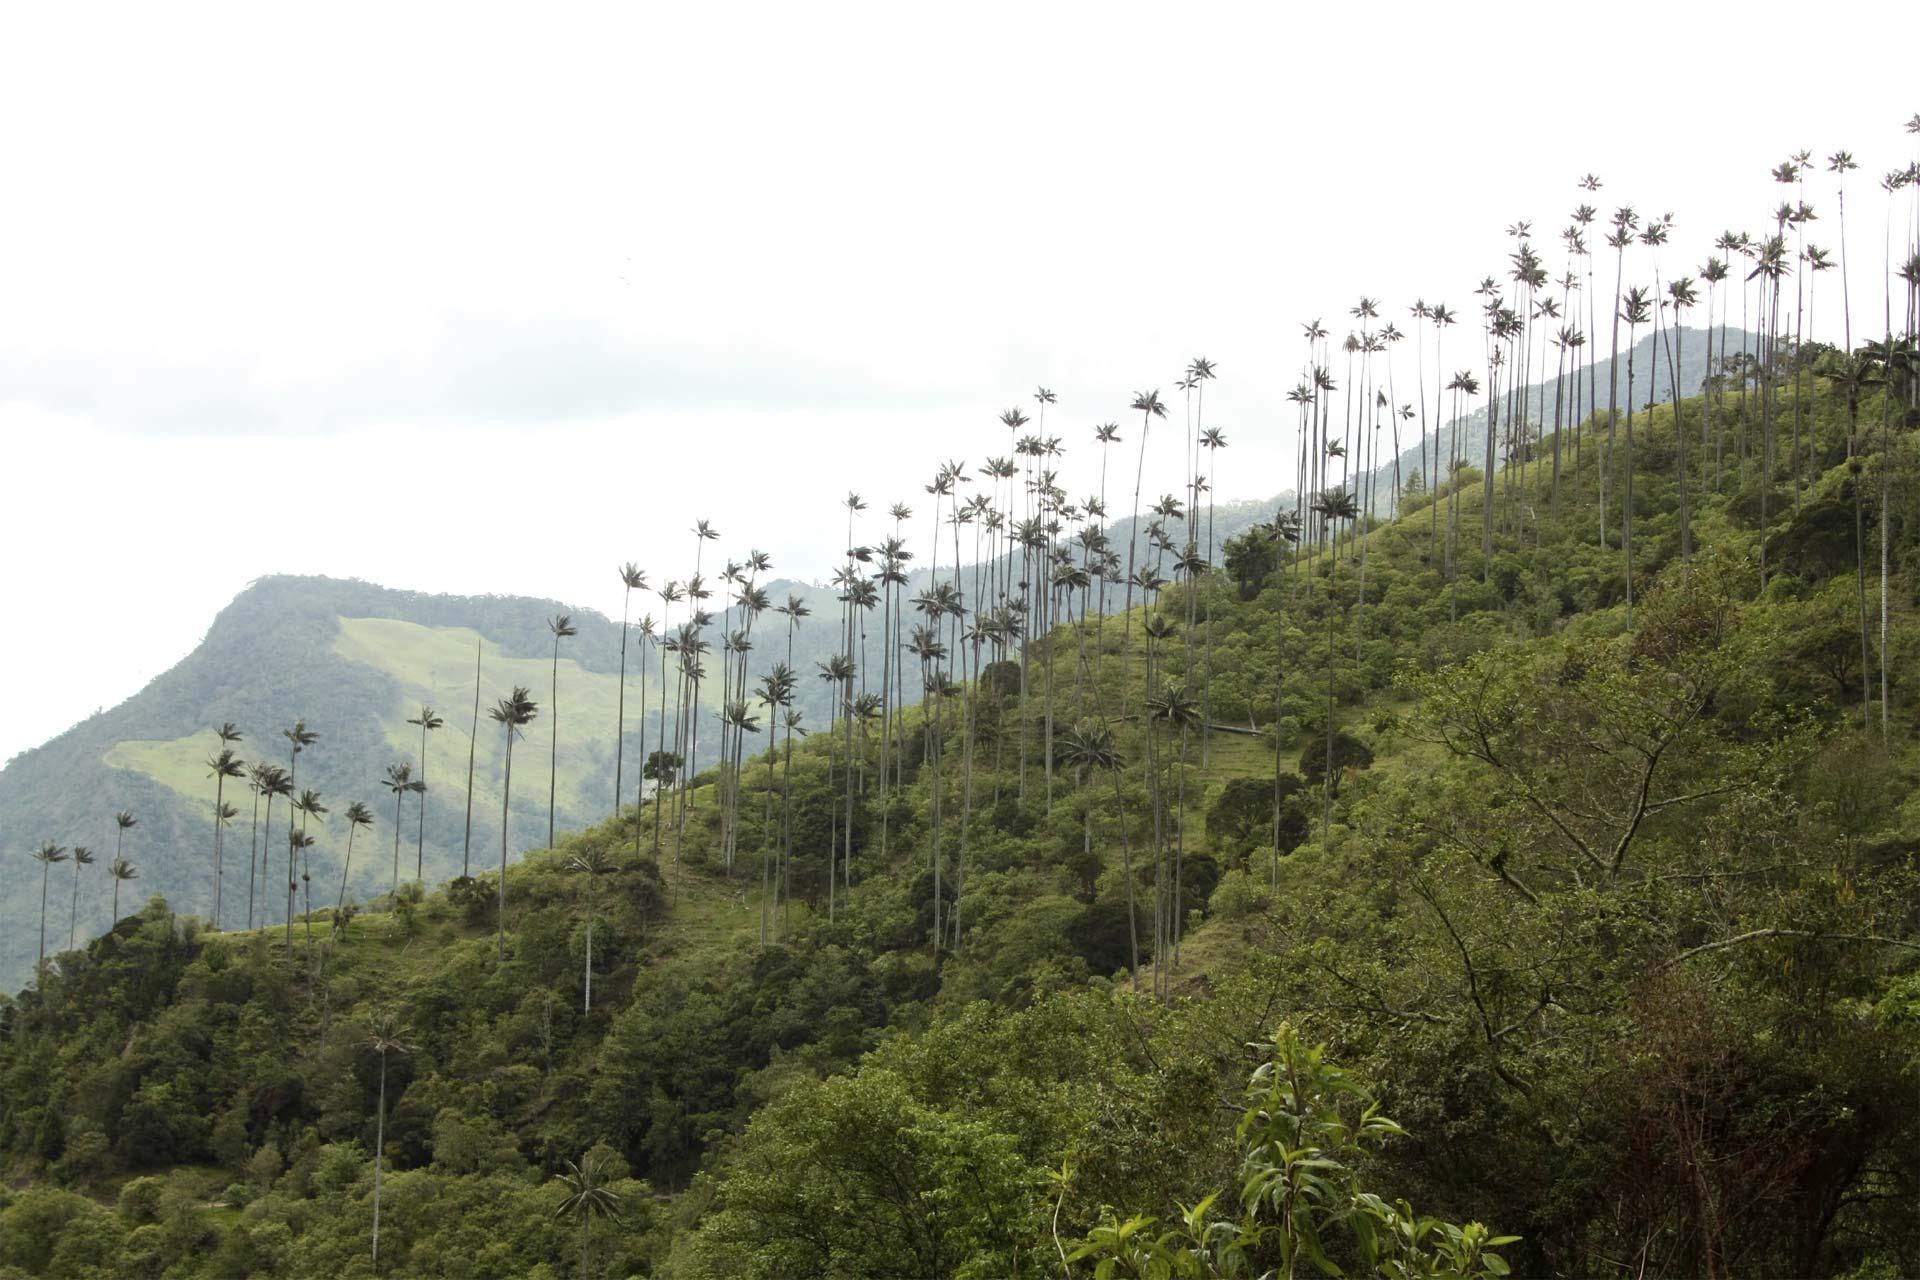 El país sudamericano quiere llegar a deforestación neta cero en el Amazonas, para el 2020